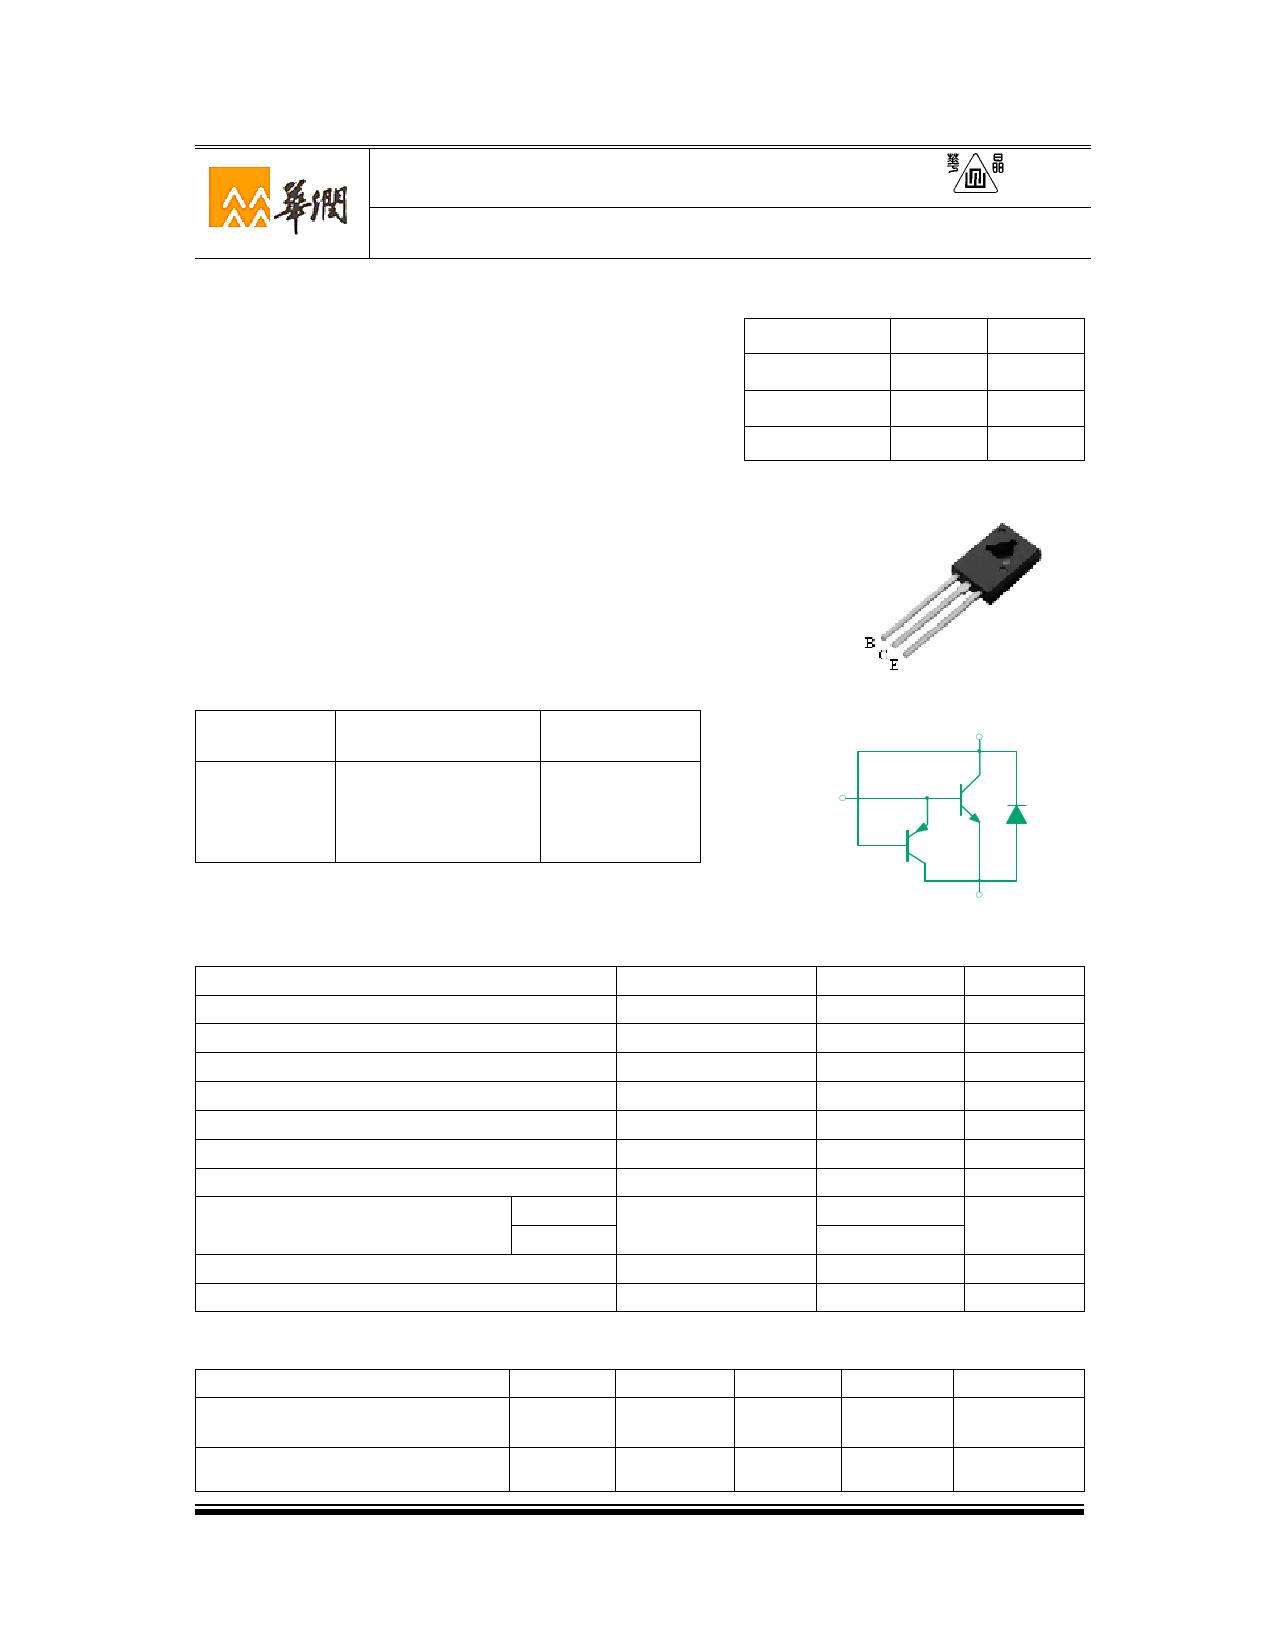 3DD13003M6D Datasheet, 3DD13003M6D PDF,ピン配置, 機能